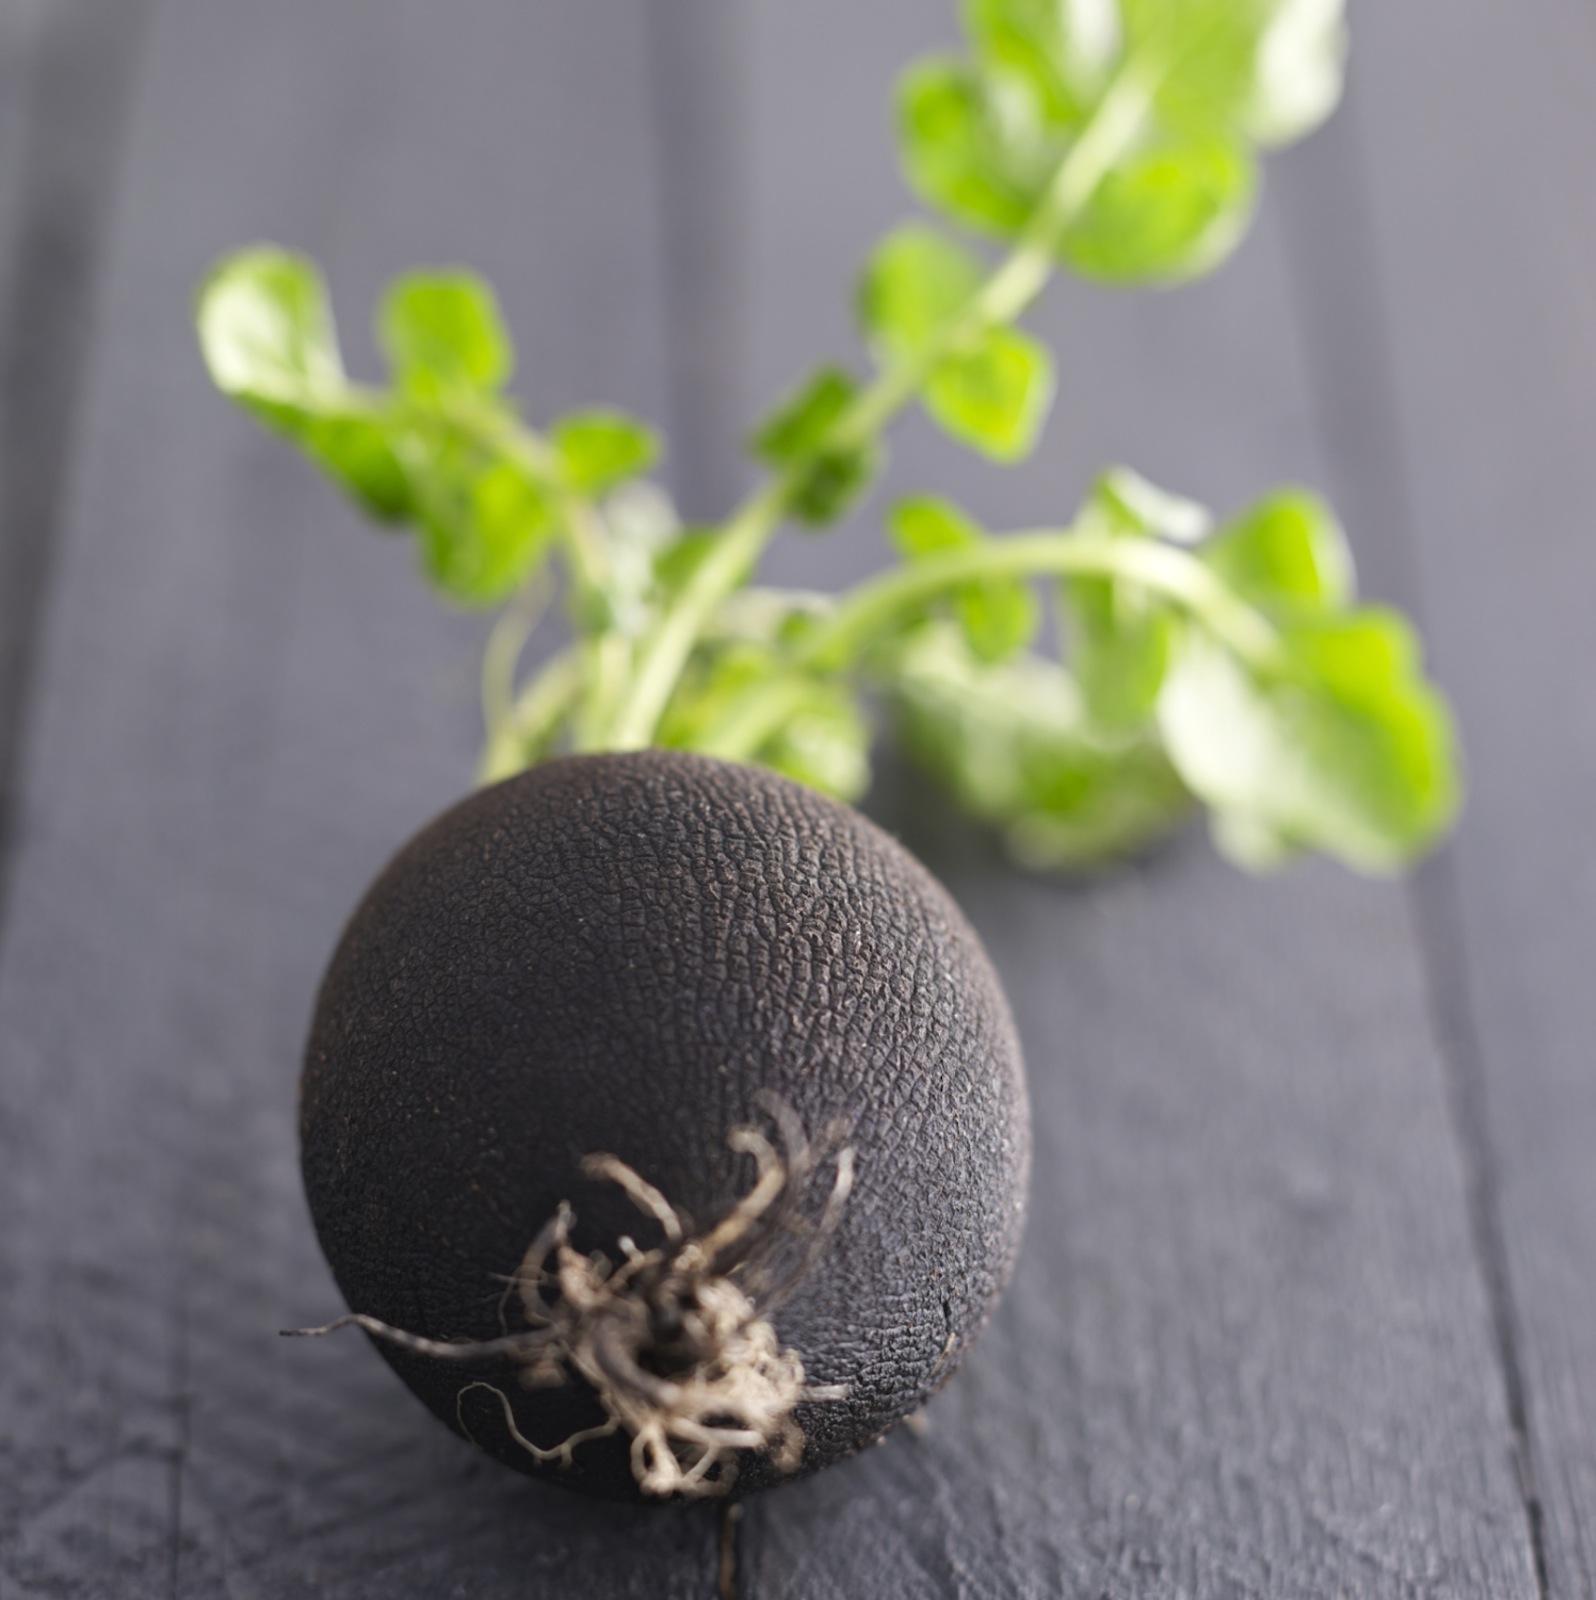 radis noir recettes vid os et dossiers sur radis noir cuisine actuelle. Black Bedroom Furniture Sets. Home Design Ideas